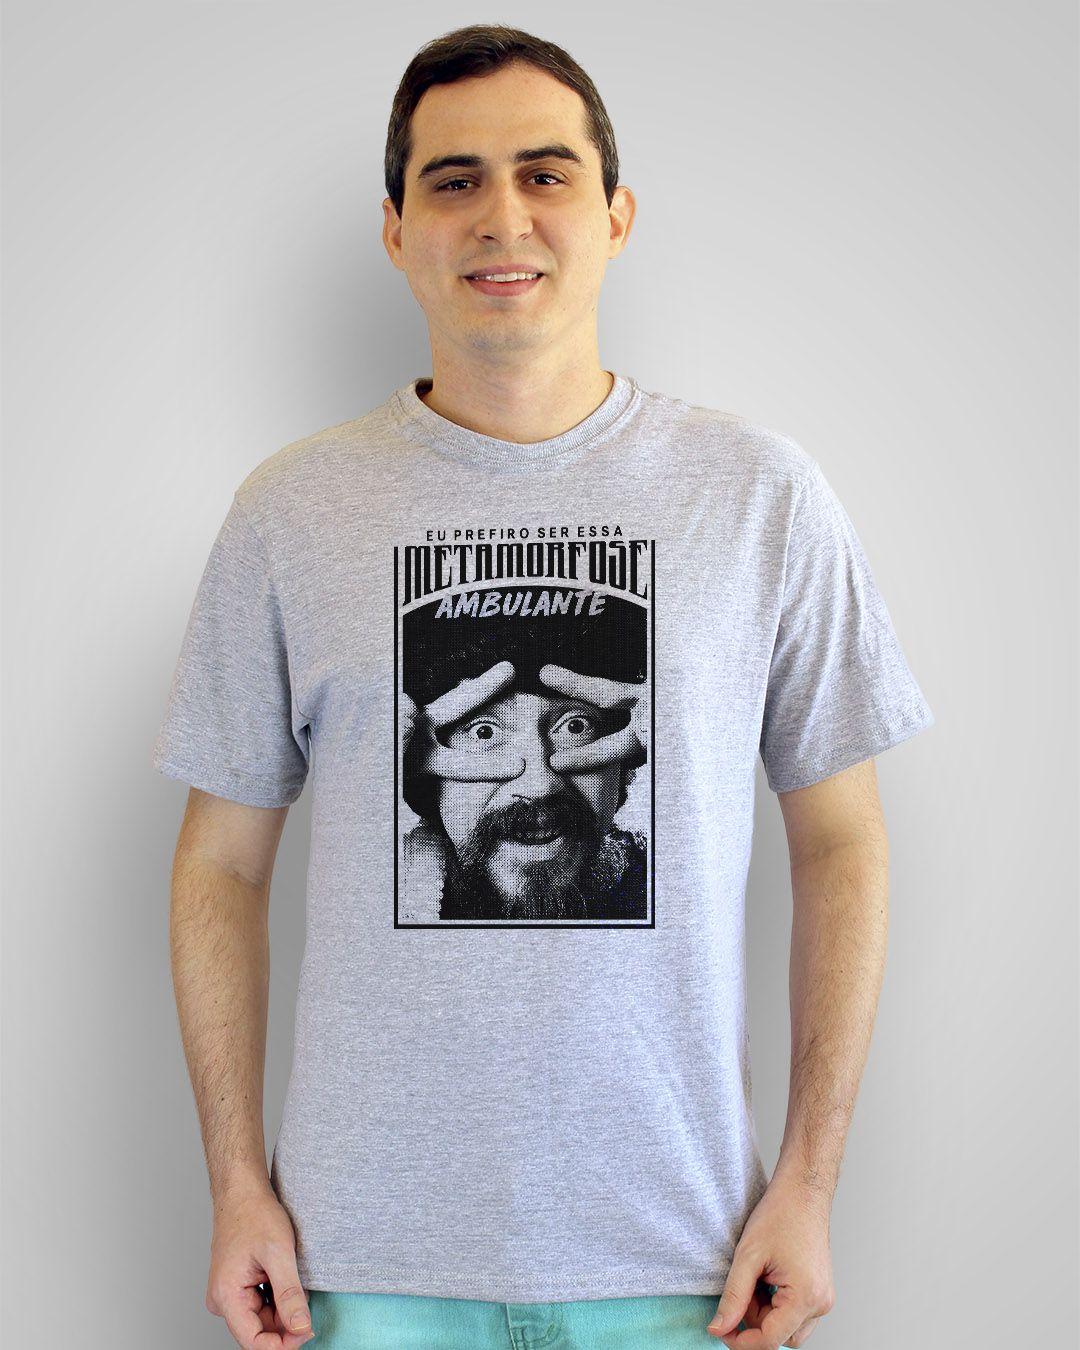 Camiseta Eu prefiro ser essa metamorfose ambulante - Raul Seixas